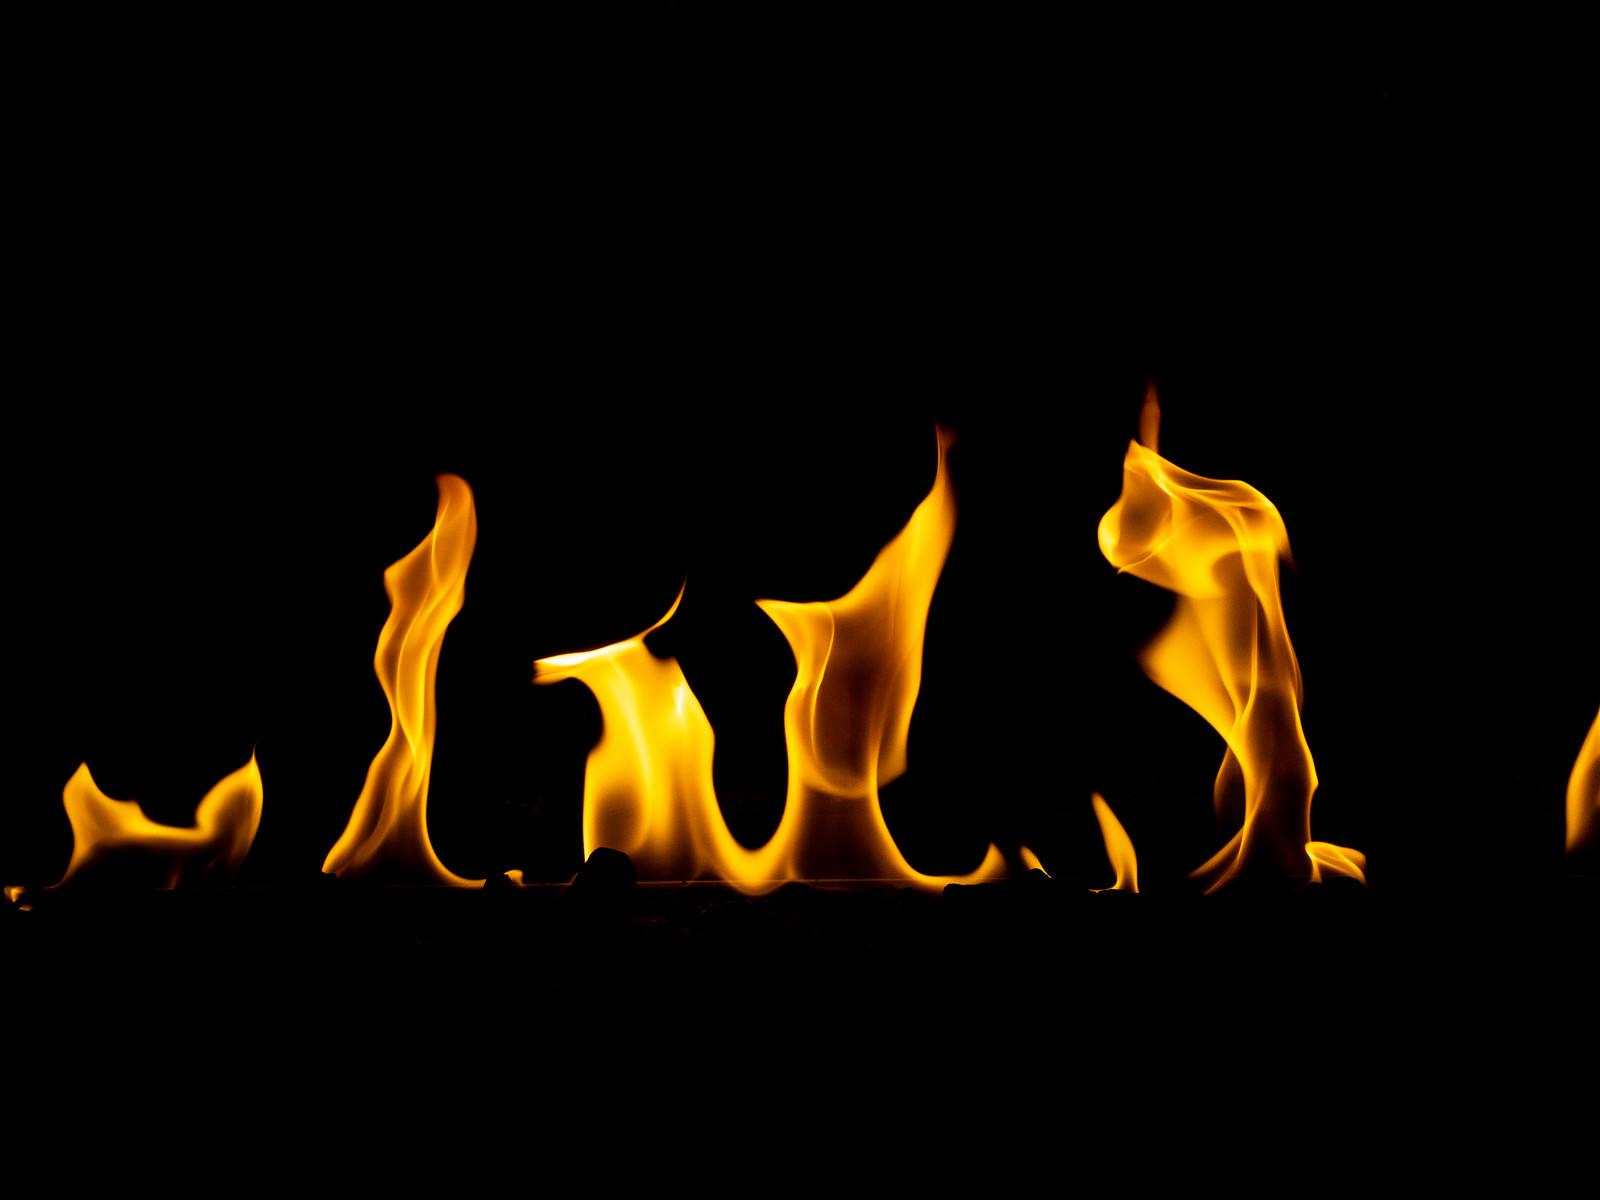 「炎の演出」の写真